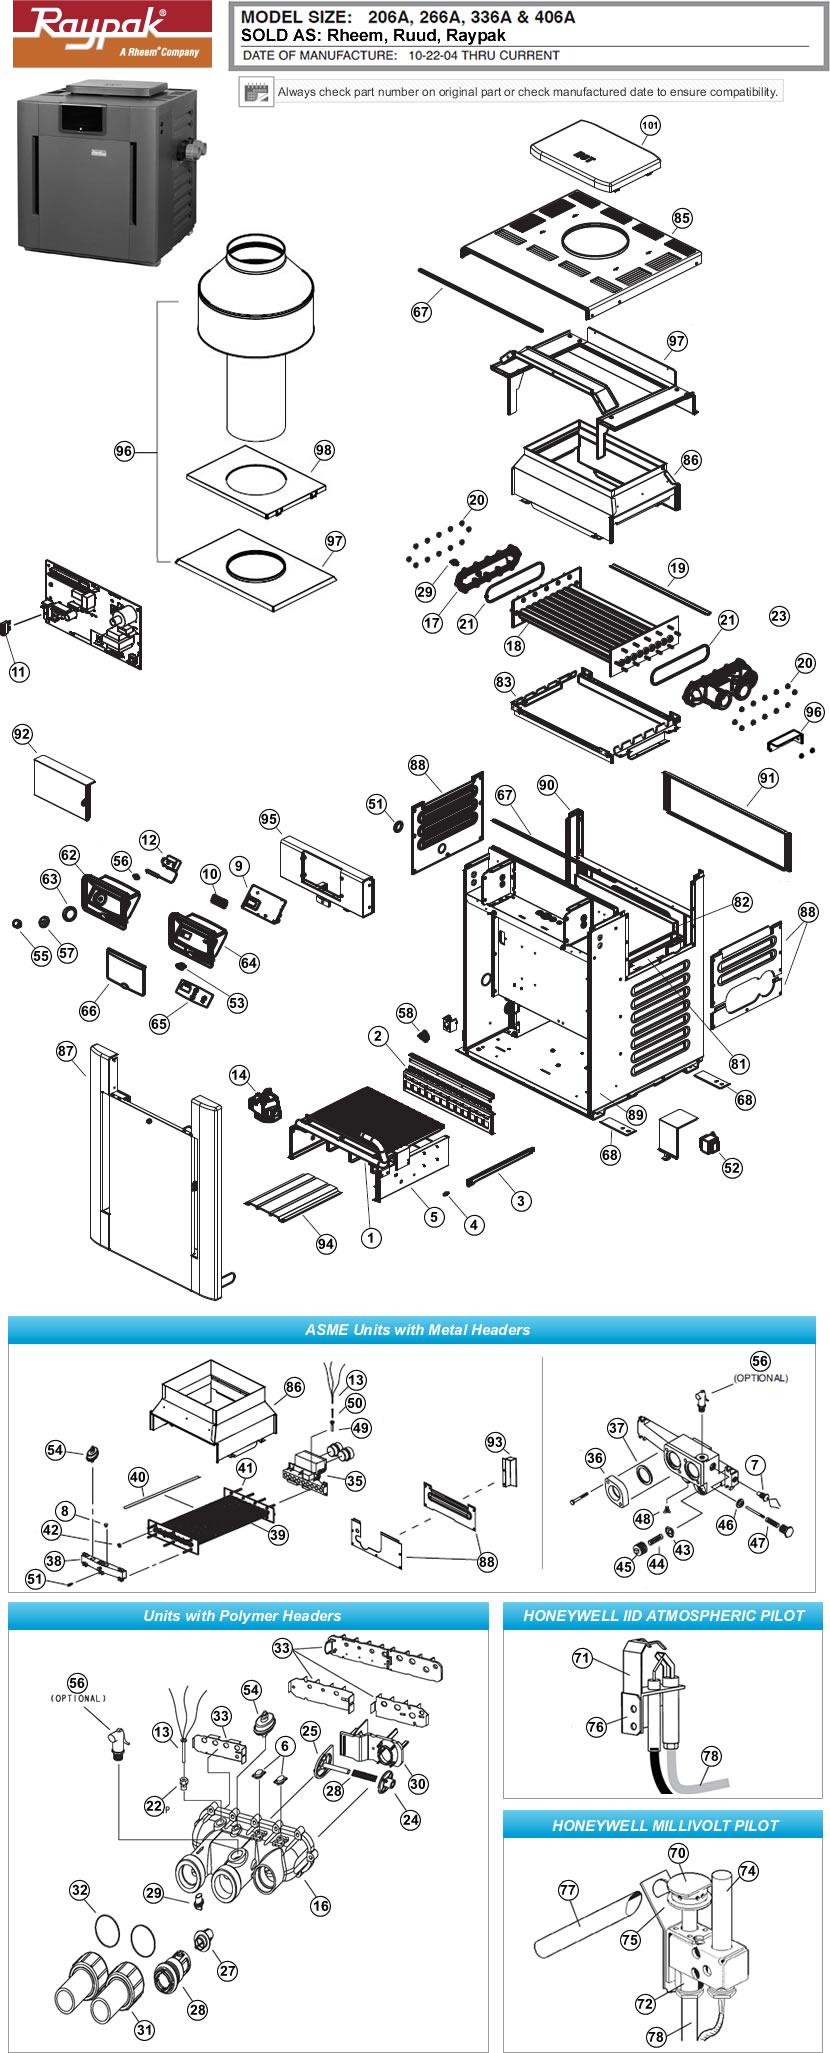 rheem water heater wiring schematic wd 0977  ruud parts diagram wiring diagram  wd 0977  ruud parts diagram wiring diagram